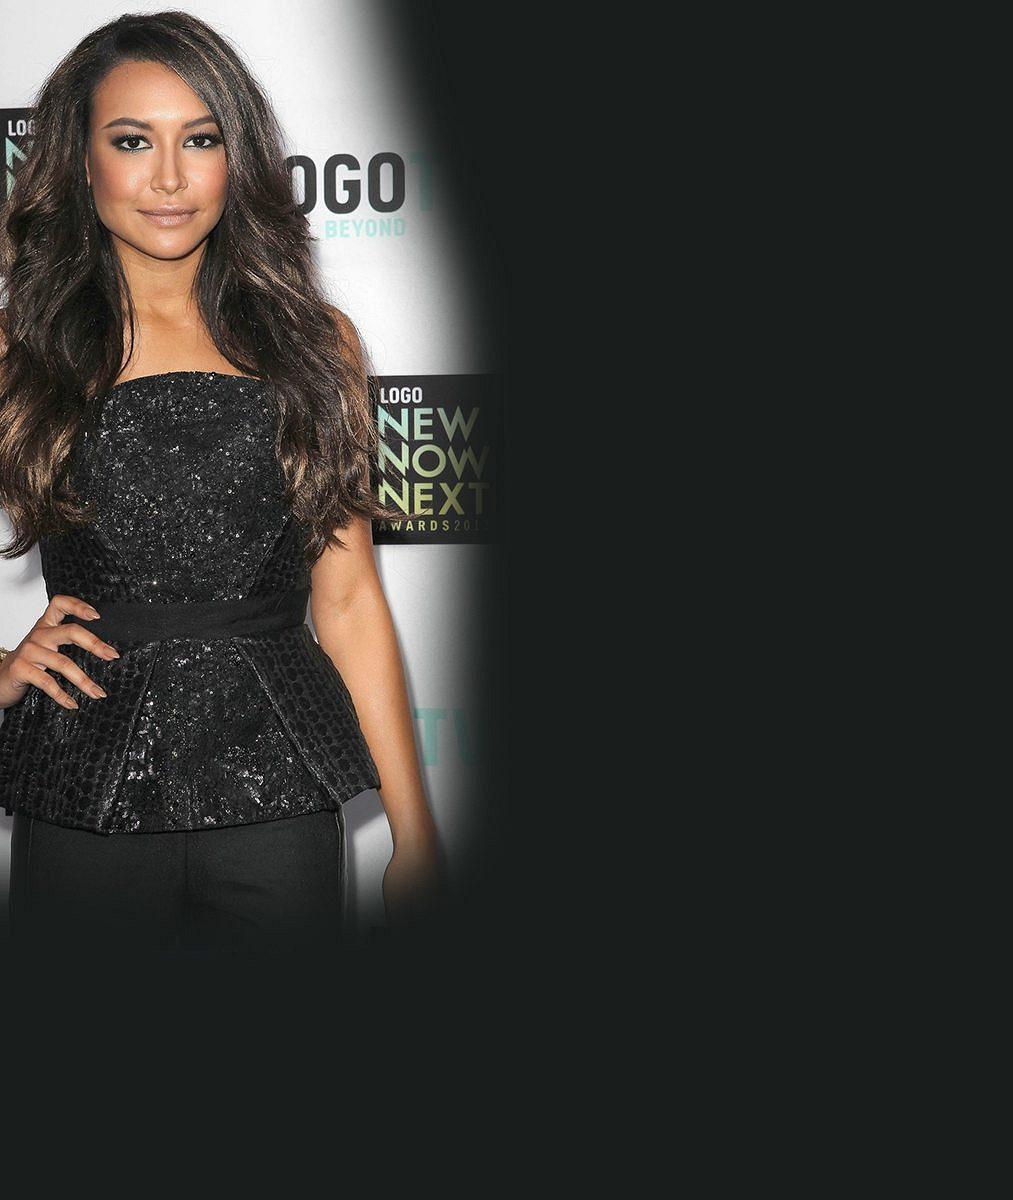 Pitva prokázala příčinu smrti hvězdy Glee: Naya Rivera (✝33) byla hrdinkou. Než zemřela, zachránila syna (4)